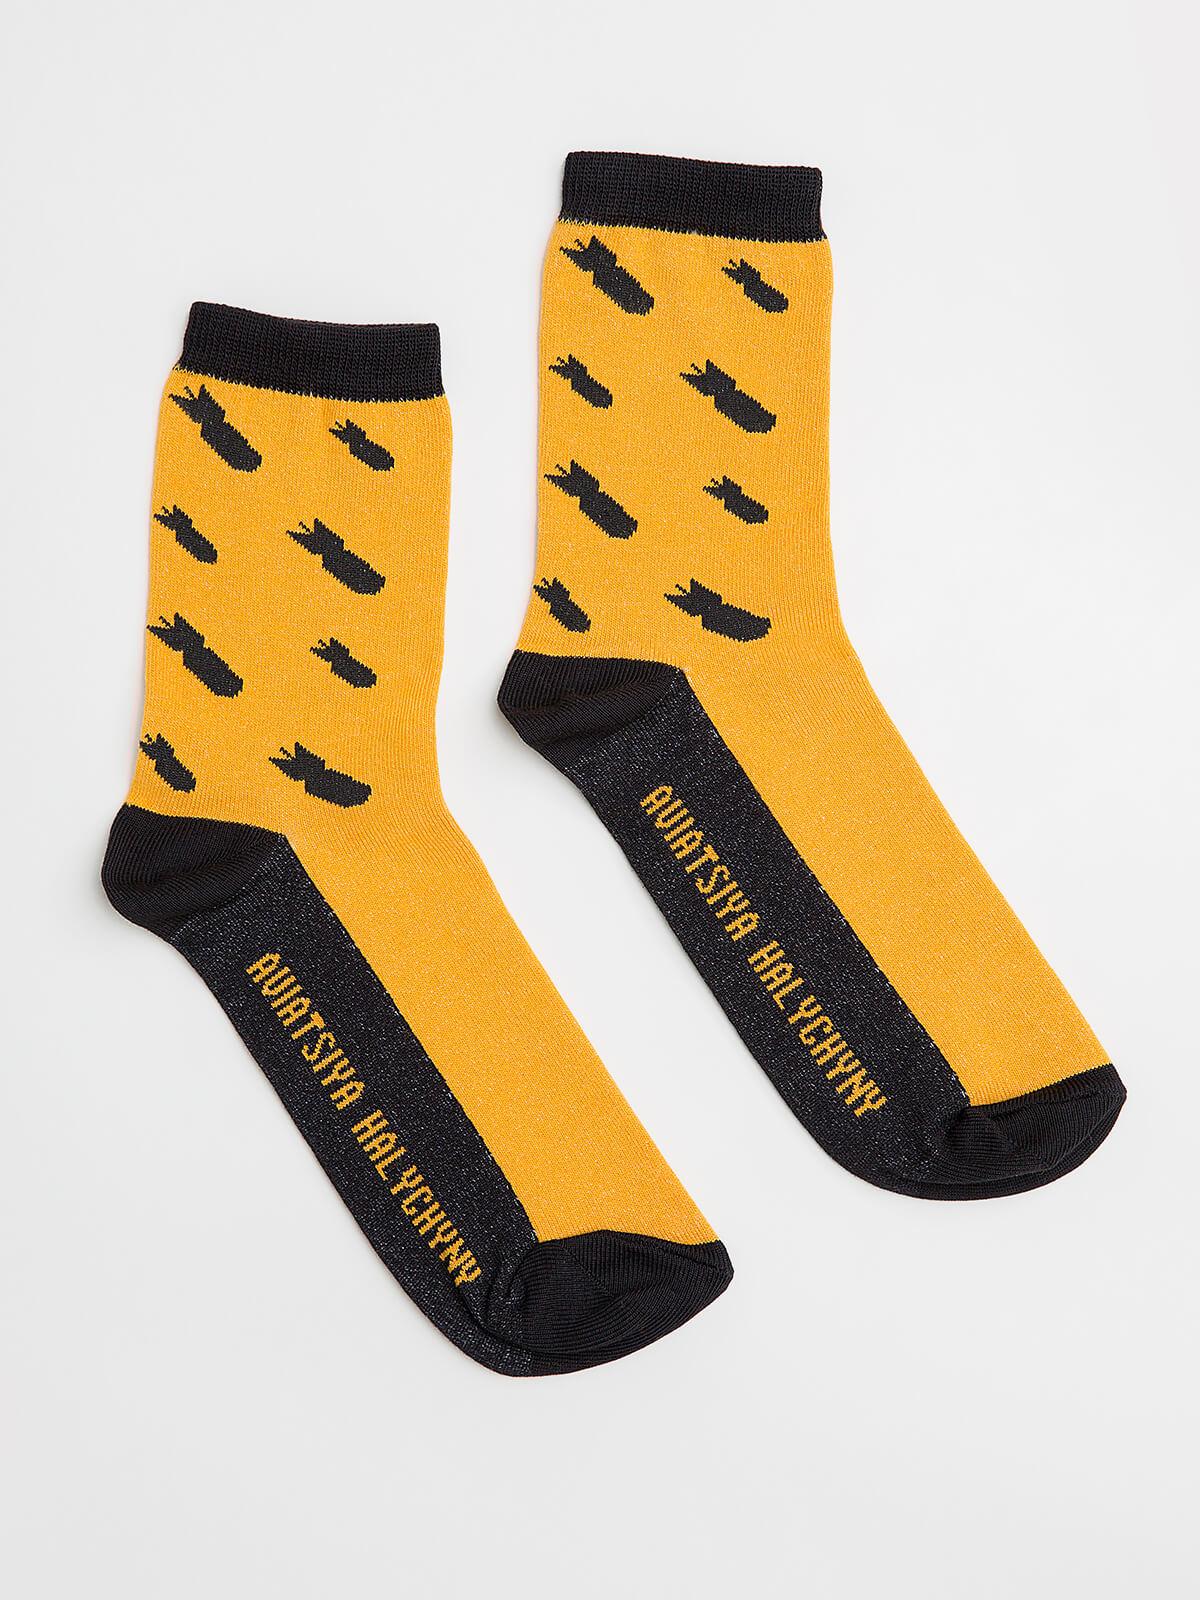 Шкарпетки Бомби. Колір жовтий. 95% бавовна, 5% еластан  Товар обміну та поверненню не підлягає згідно закону.